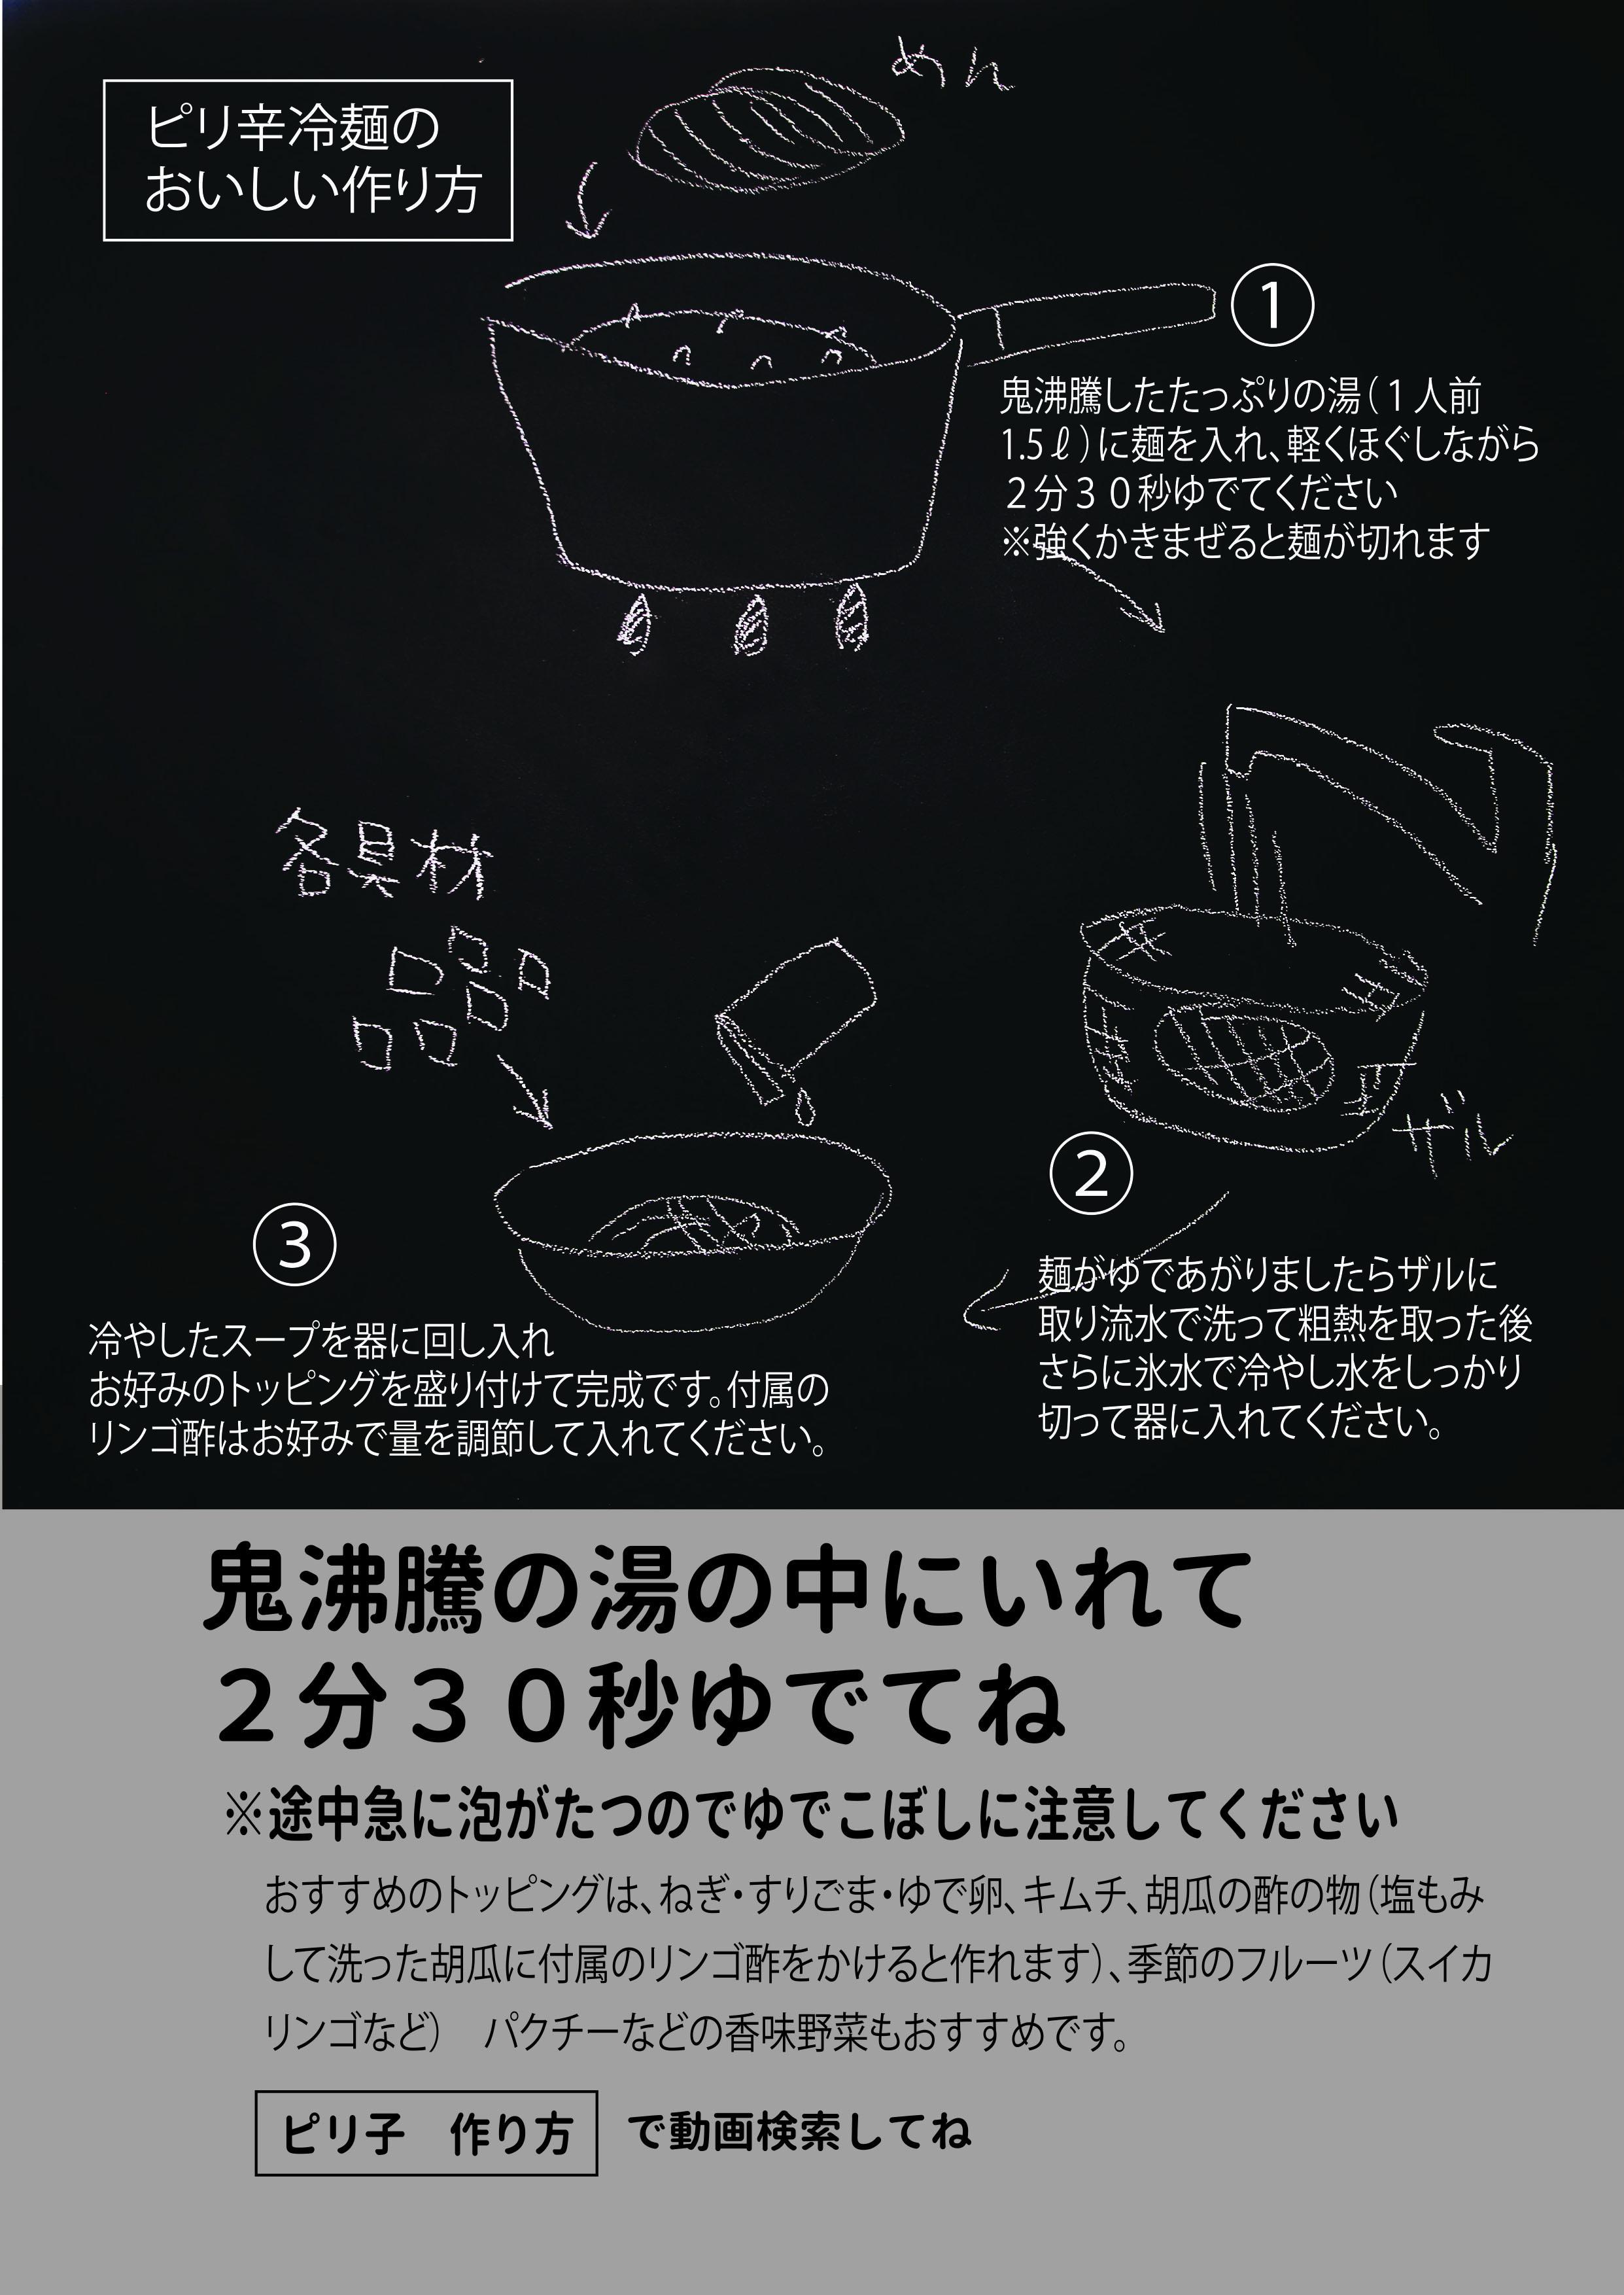 ピリ辛冷麺 2人前